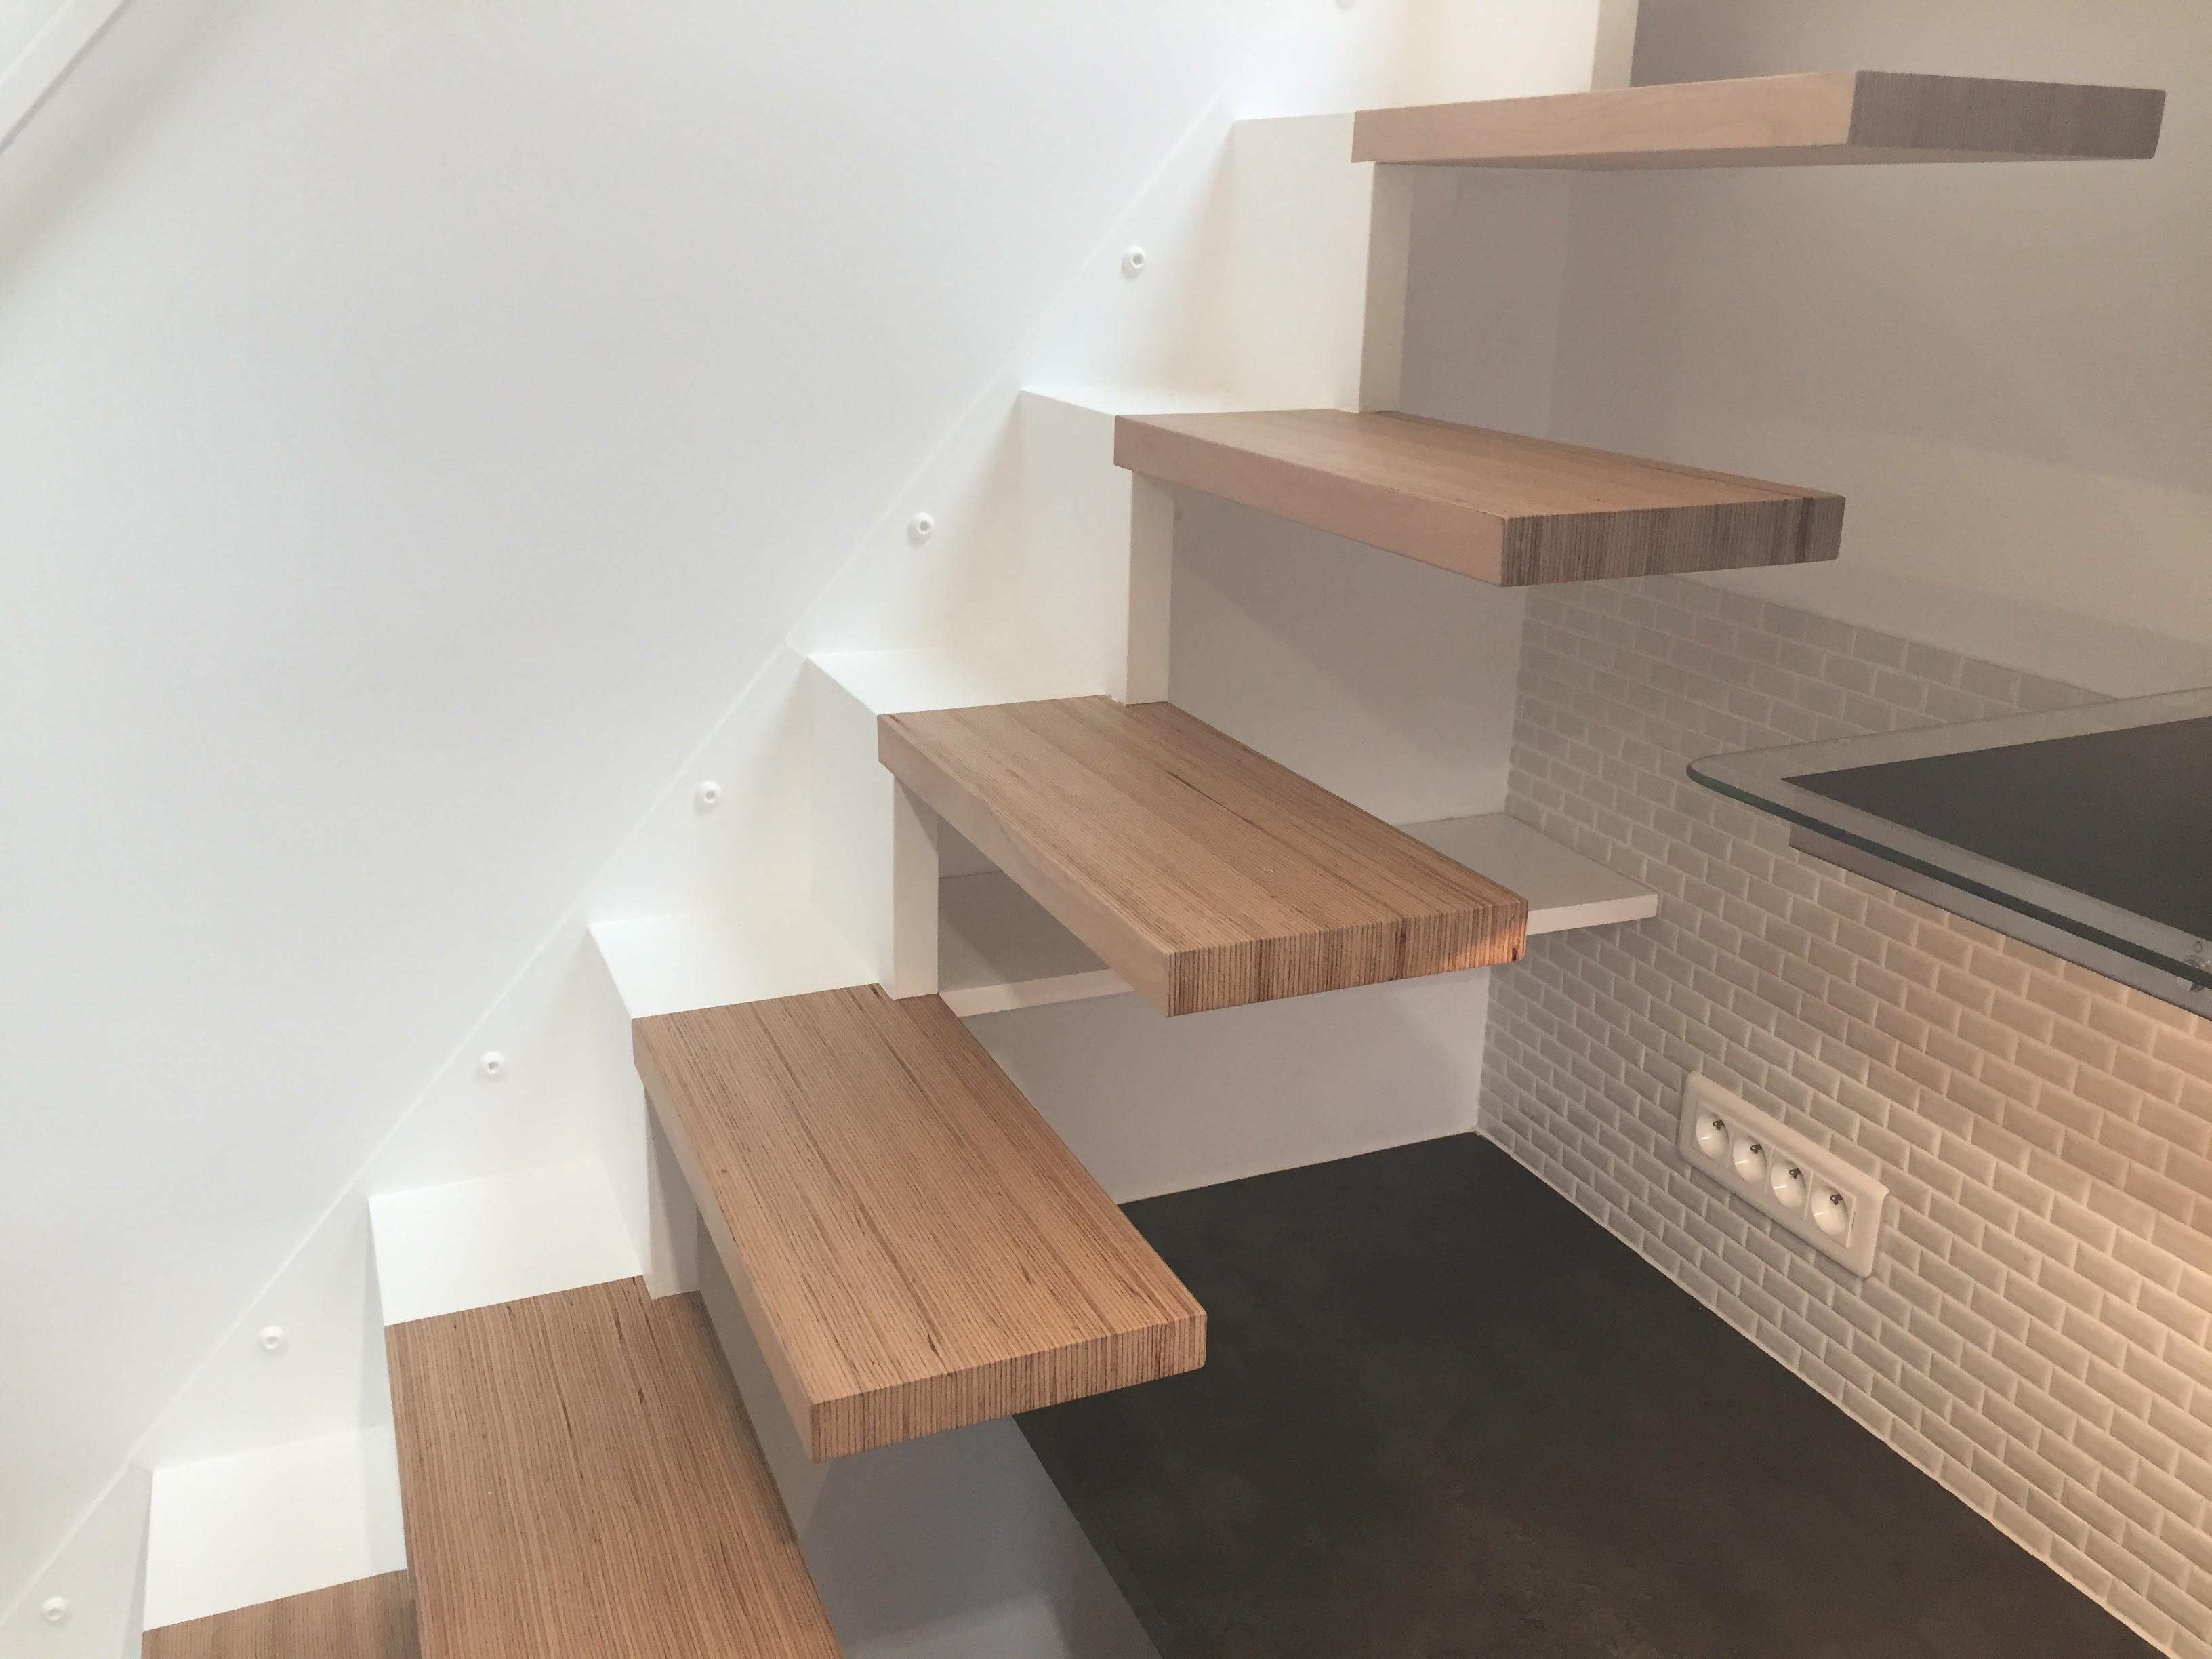 escalier AILE L BauBuche